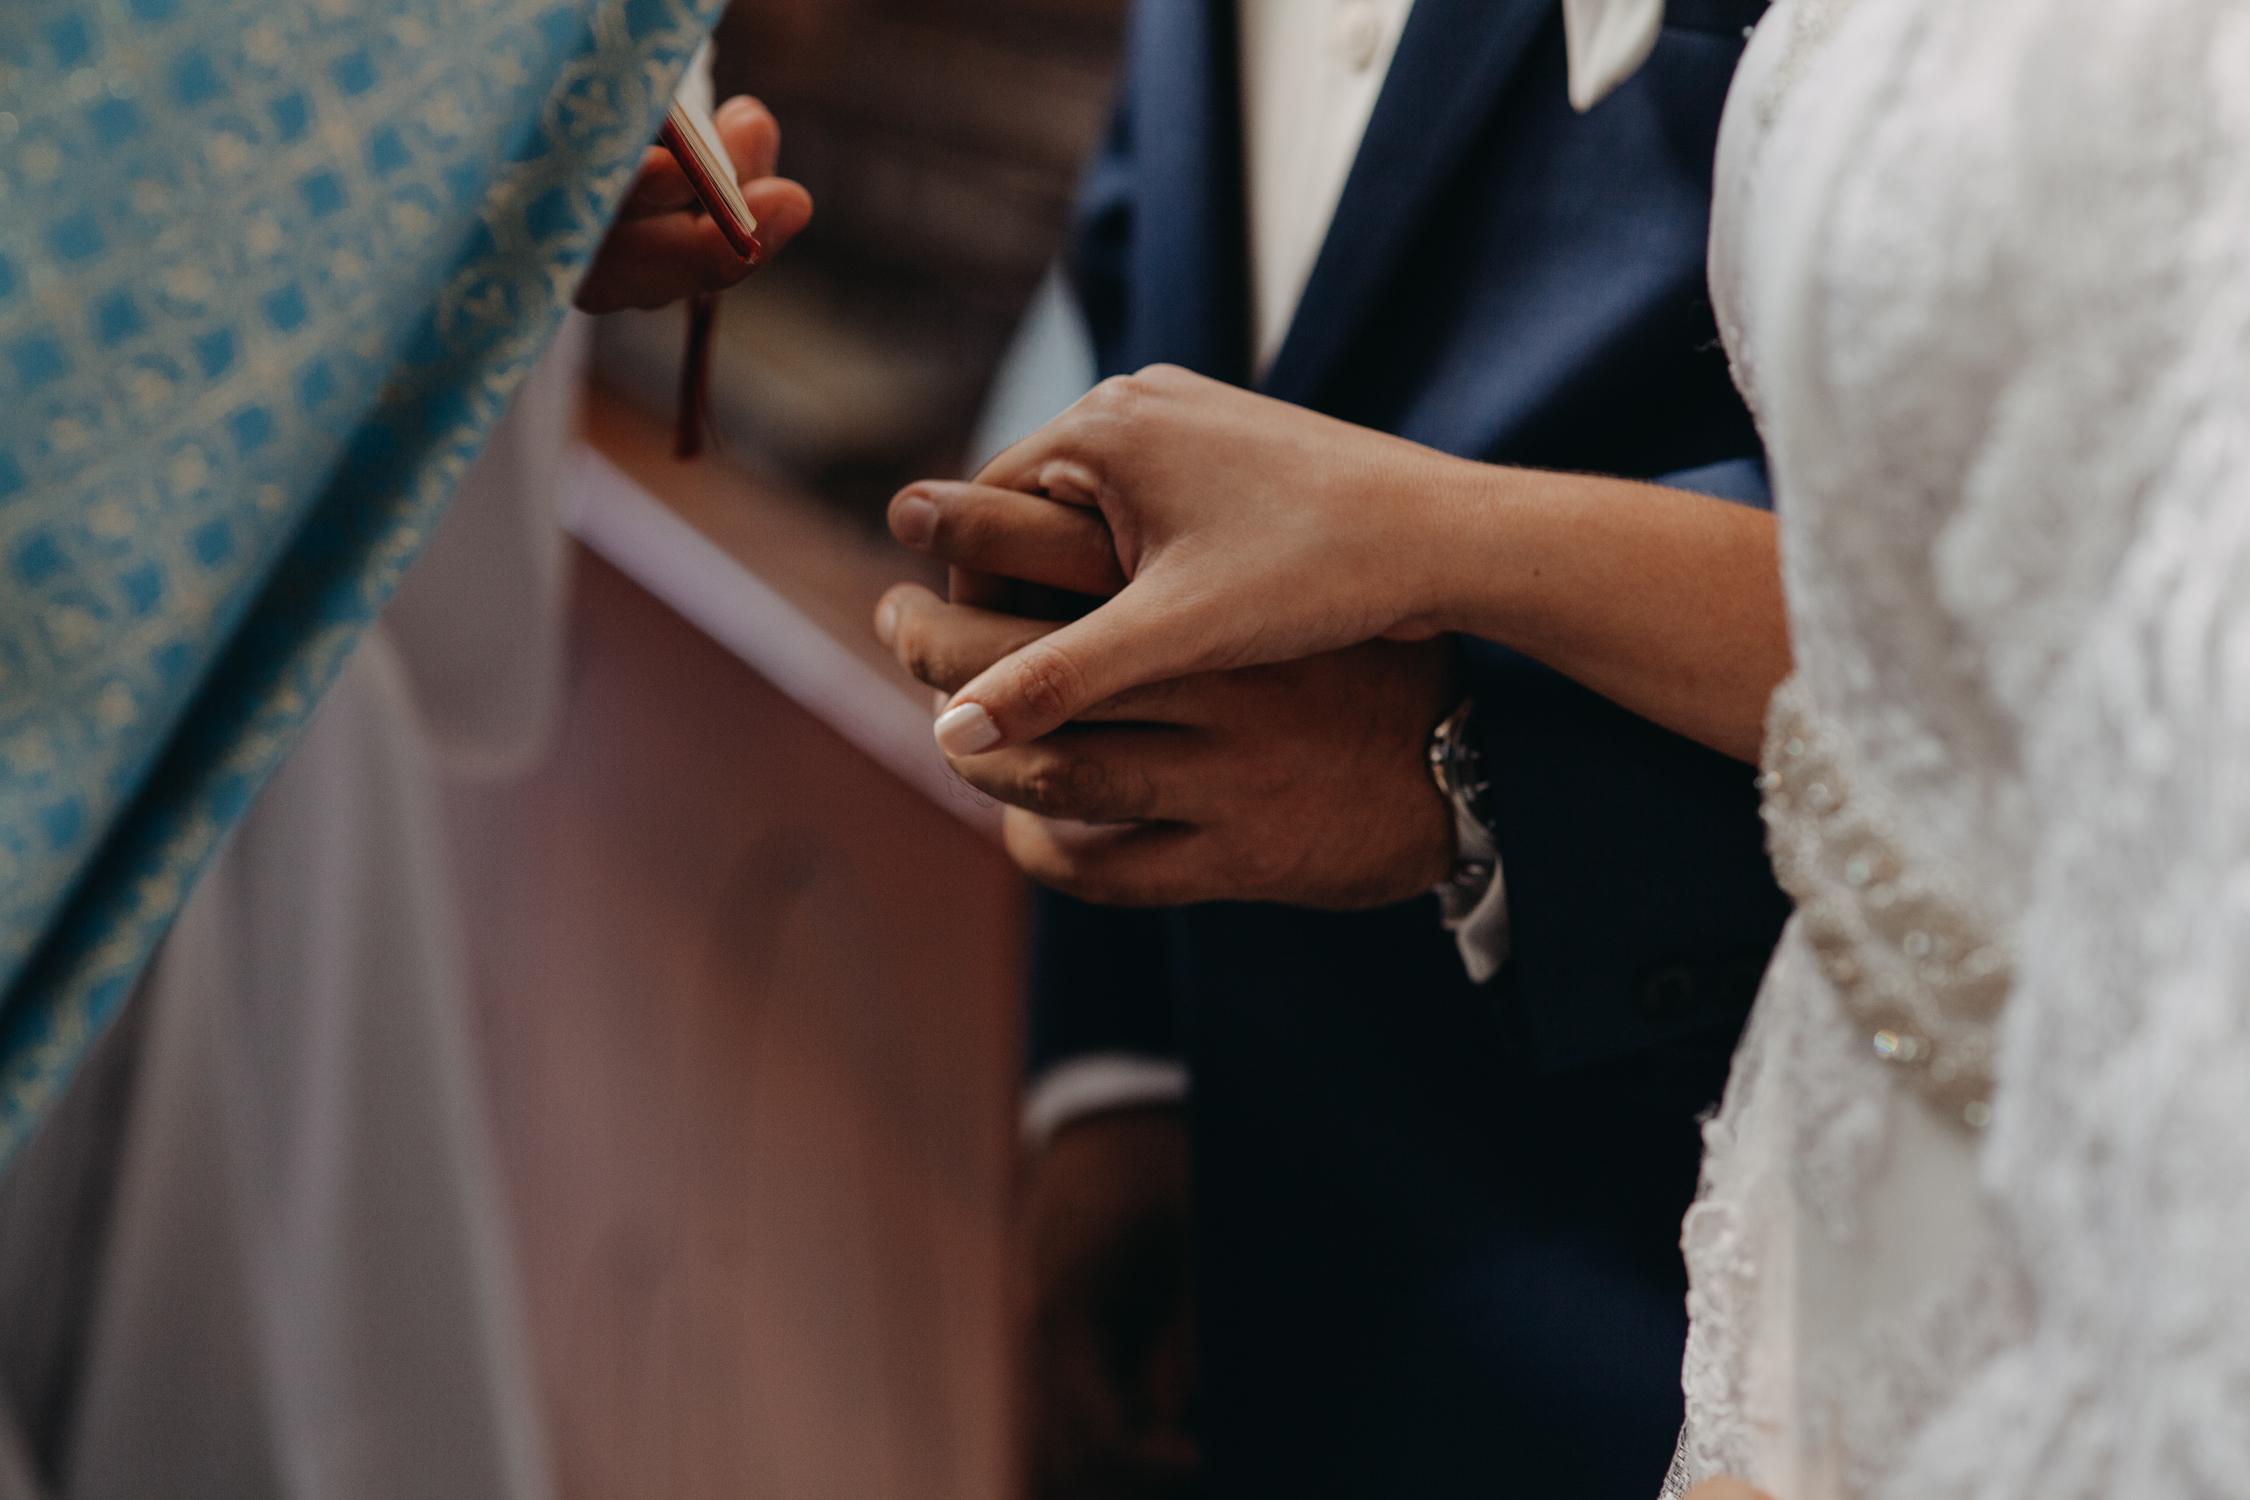 Michelle-Agurto-Fotografia-Bodas-Ecuador-Destination-Wedding-Photographer-Cristi-Luis-42.JPG